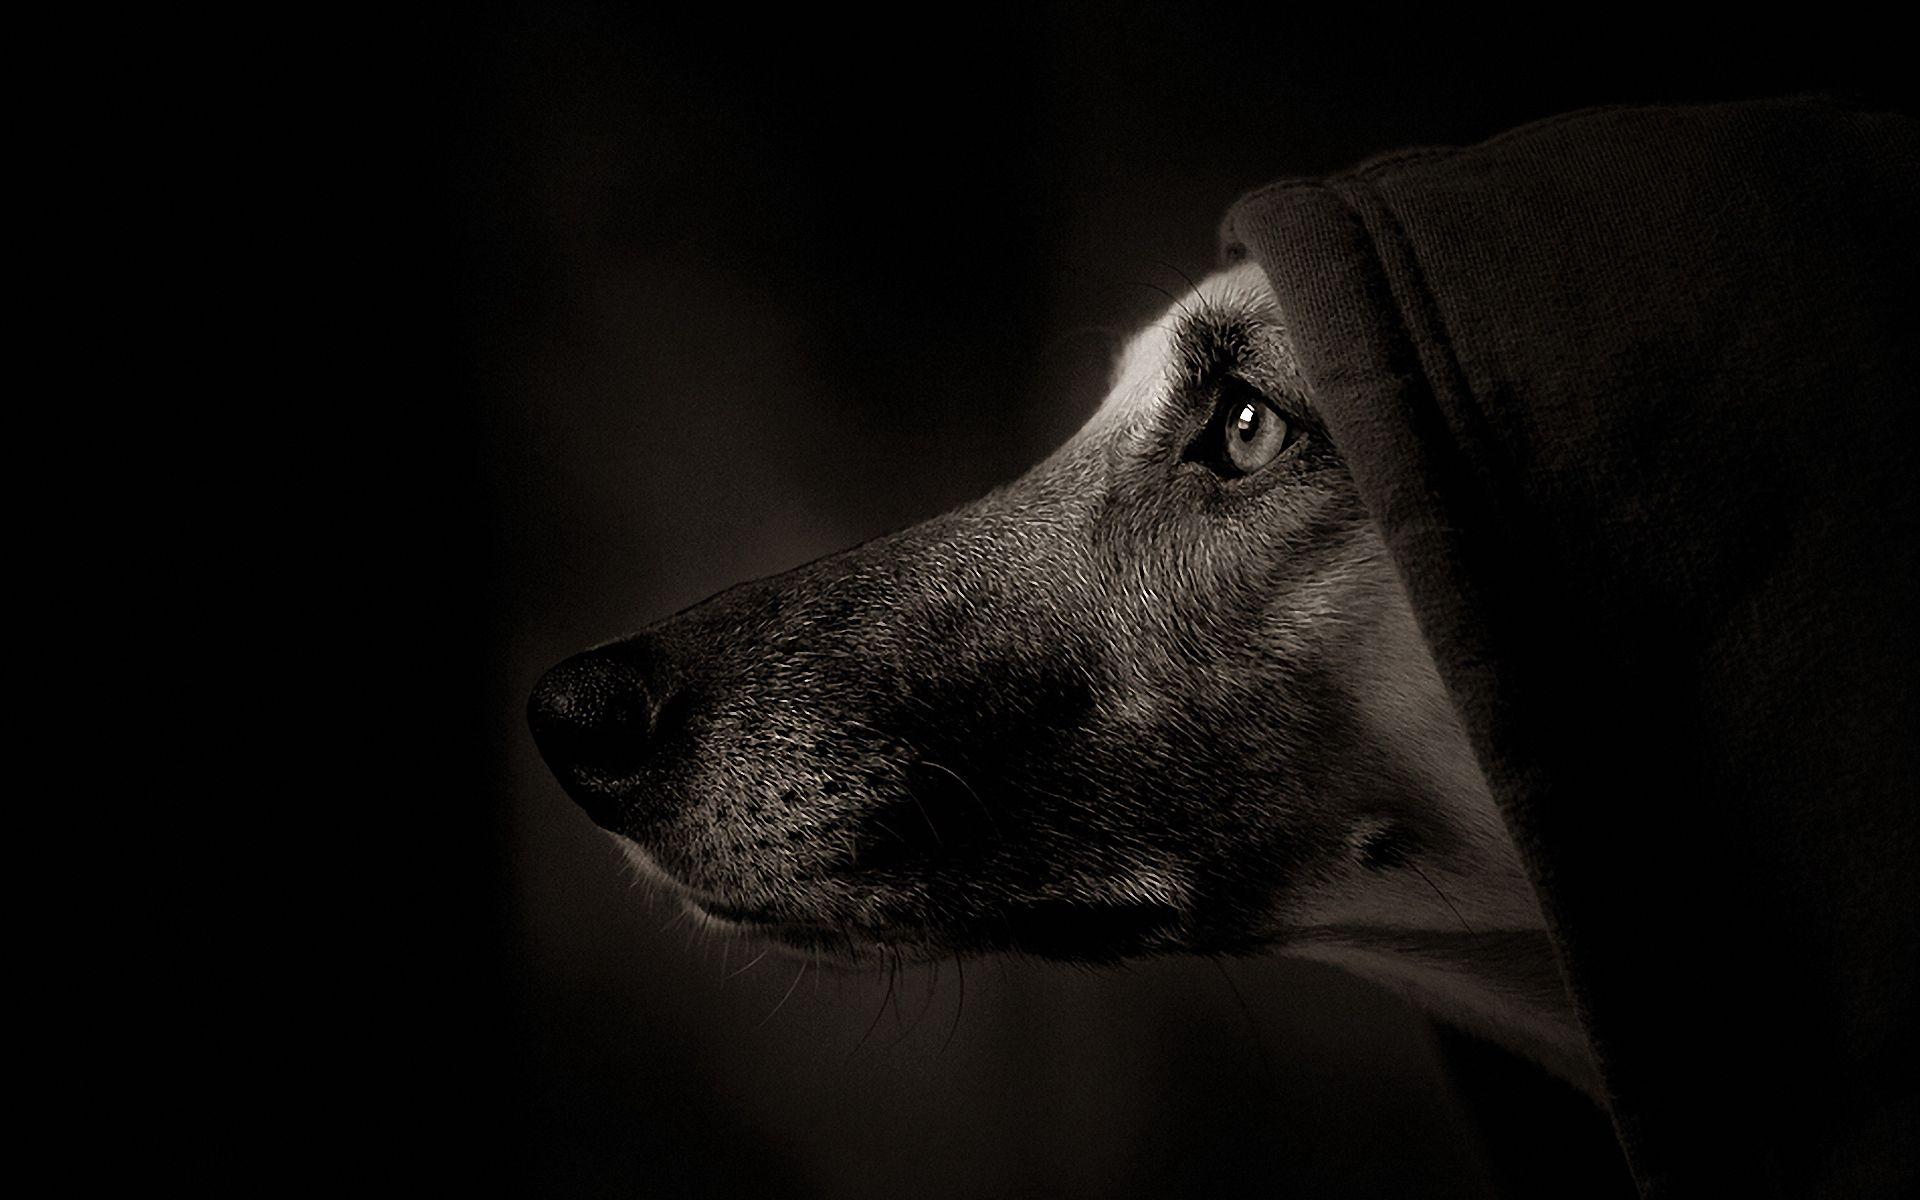 133750 скачать обои Темные, Собака, Морда, Профиль, Тень, Глаза, Капюшон - заставки и картинки бесплатно